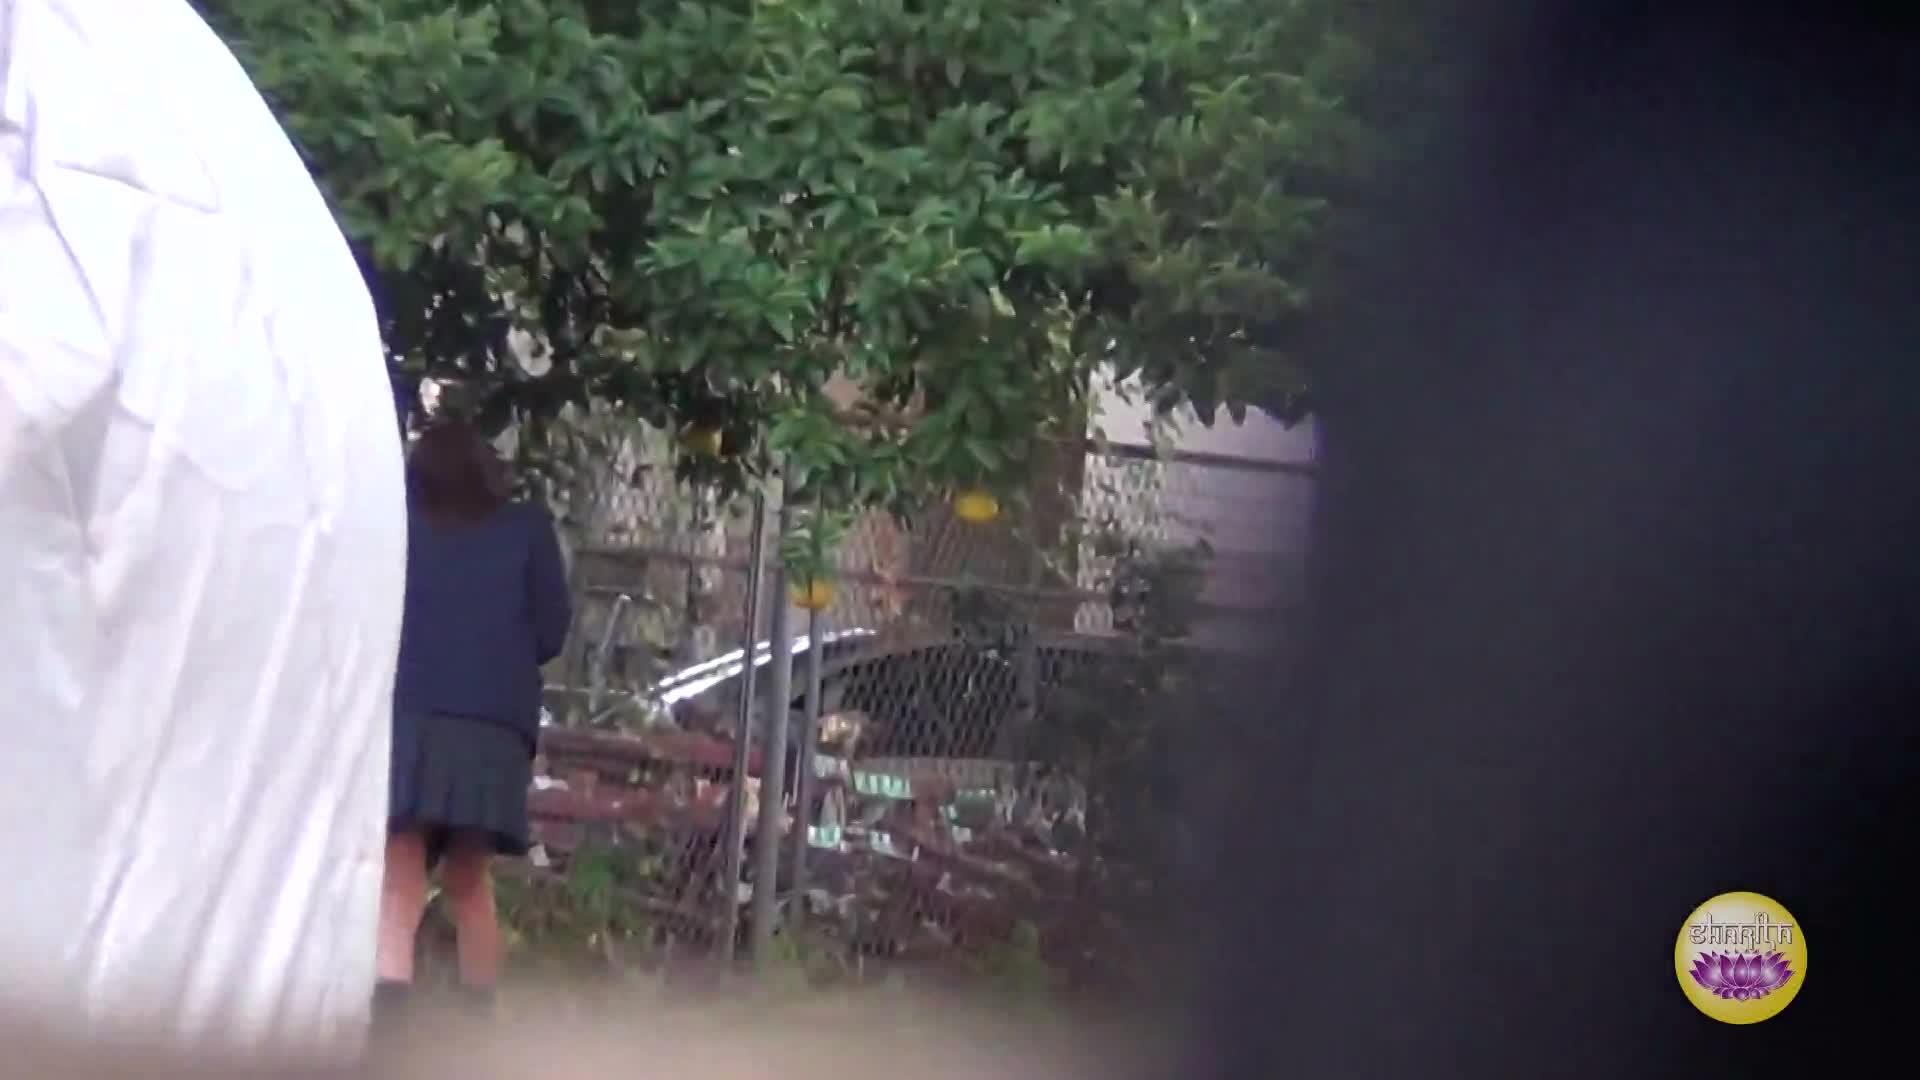 周りを気にしながら歩いてるセイフク10代小娘を尾行し秘密撮影していると物陰に入りこっそり放尿しだしたww